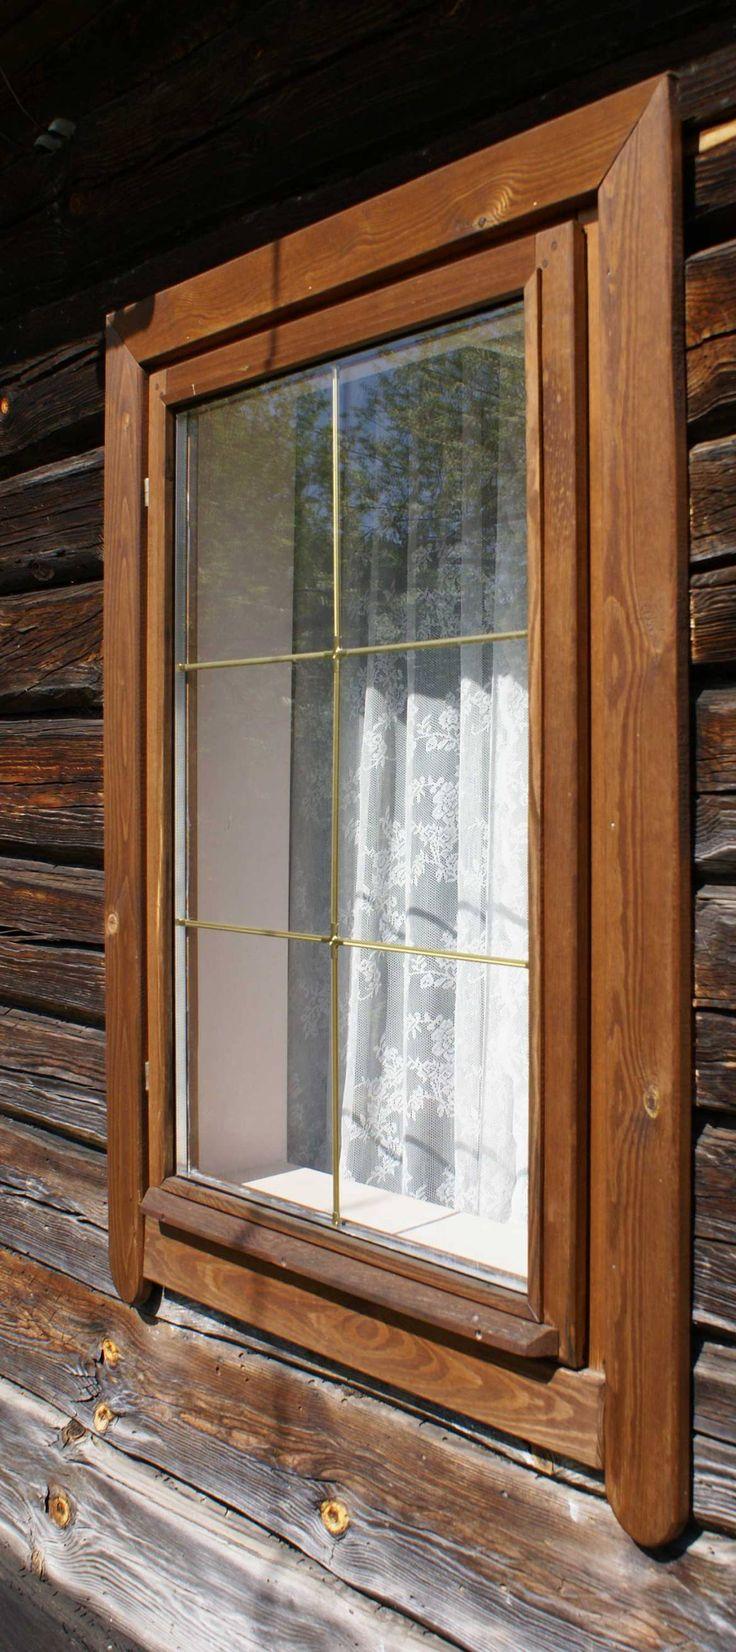 На первый взгляд дом совершенно ничем не выделяется на фоне десятков таких же срубов. Это так, да не совсем. В срубе поставлены новые деревянные окна со стеклопакетом.